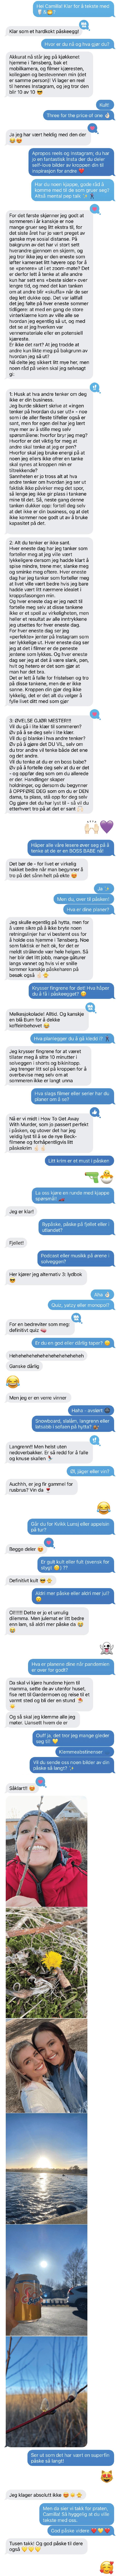 påske-sms med influencer Camilla Lorentzen